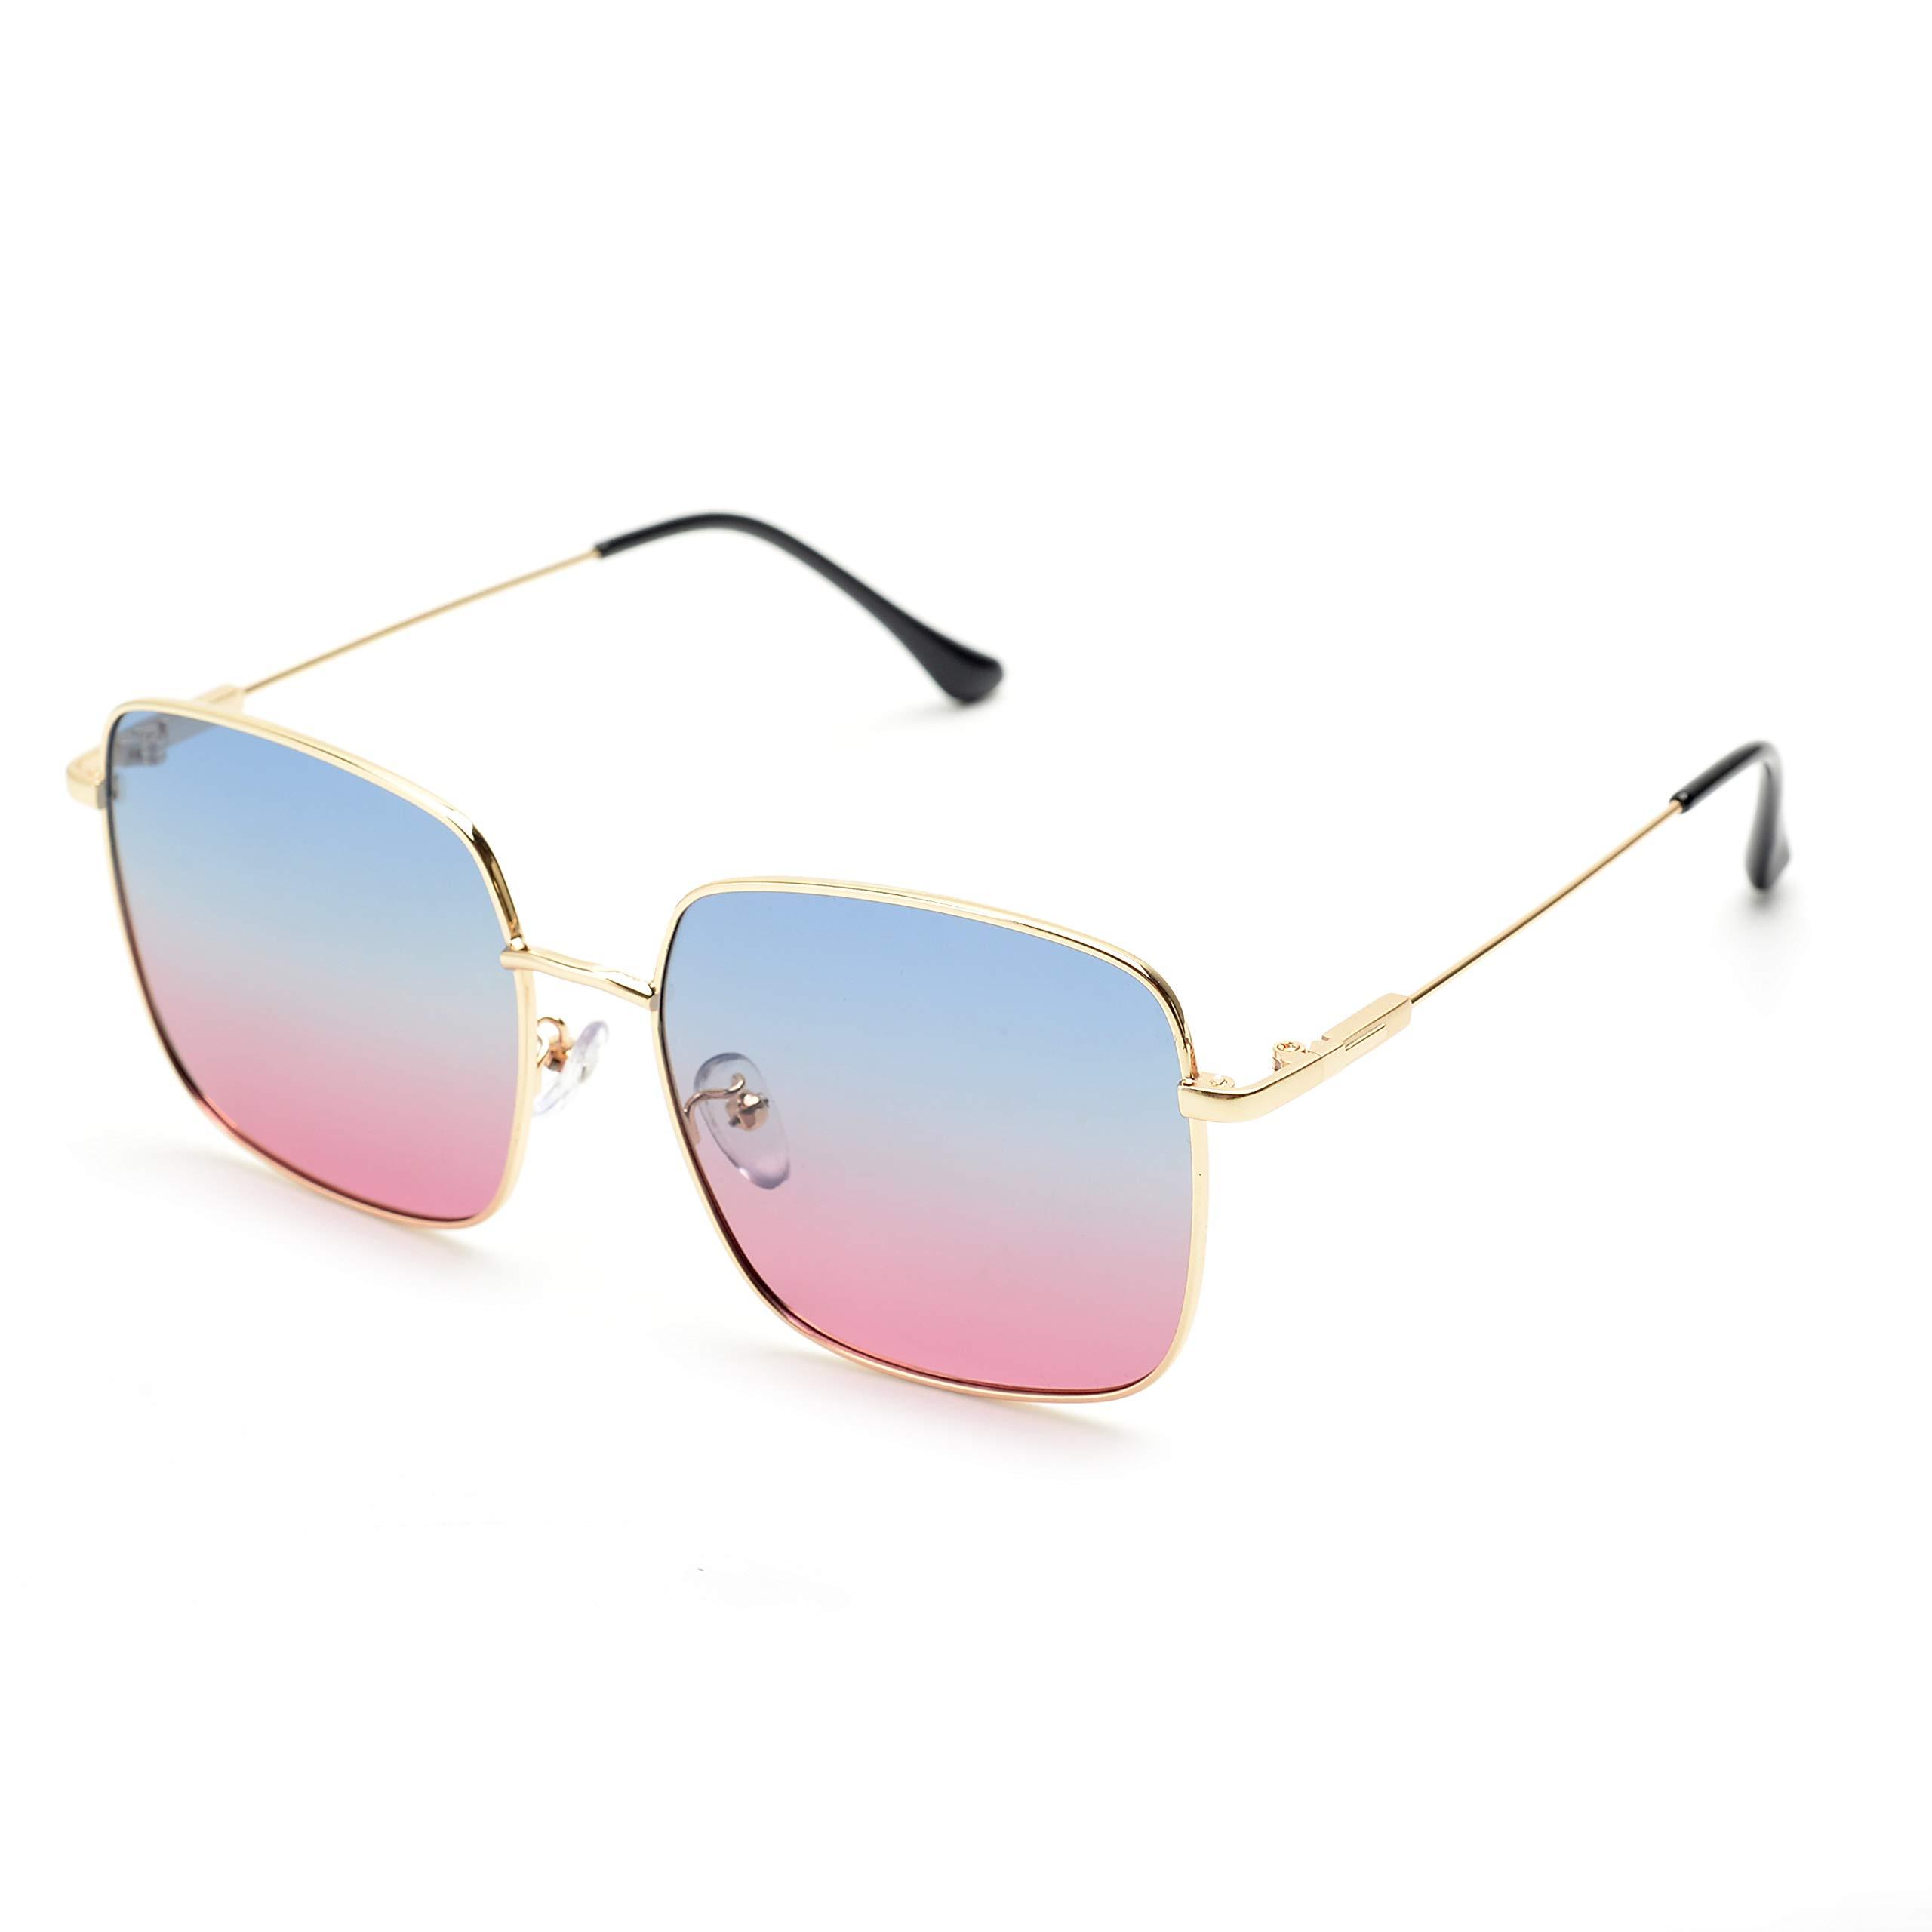 Kleidung & Accessoires Ausgefallene Vintage Unisex Sonnenbrille Sunglasses Handarbeit Maisgelb Größe S